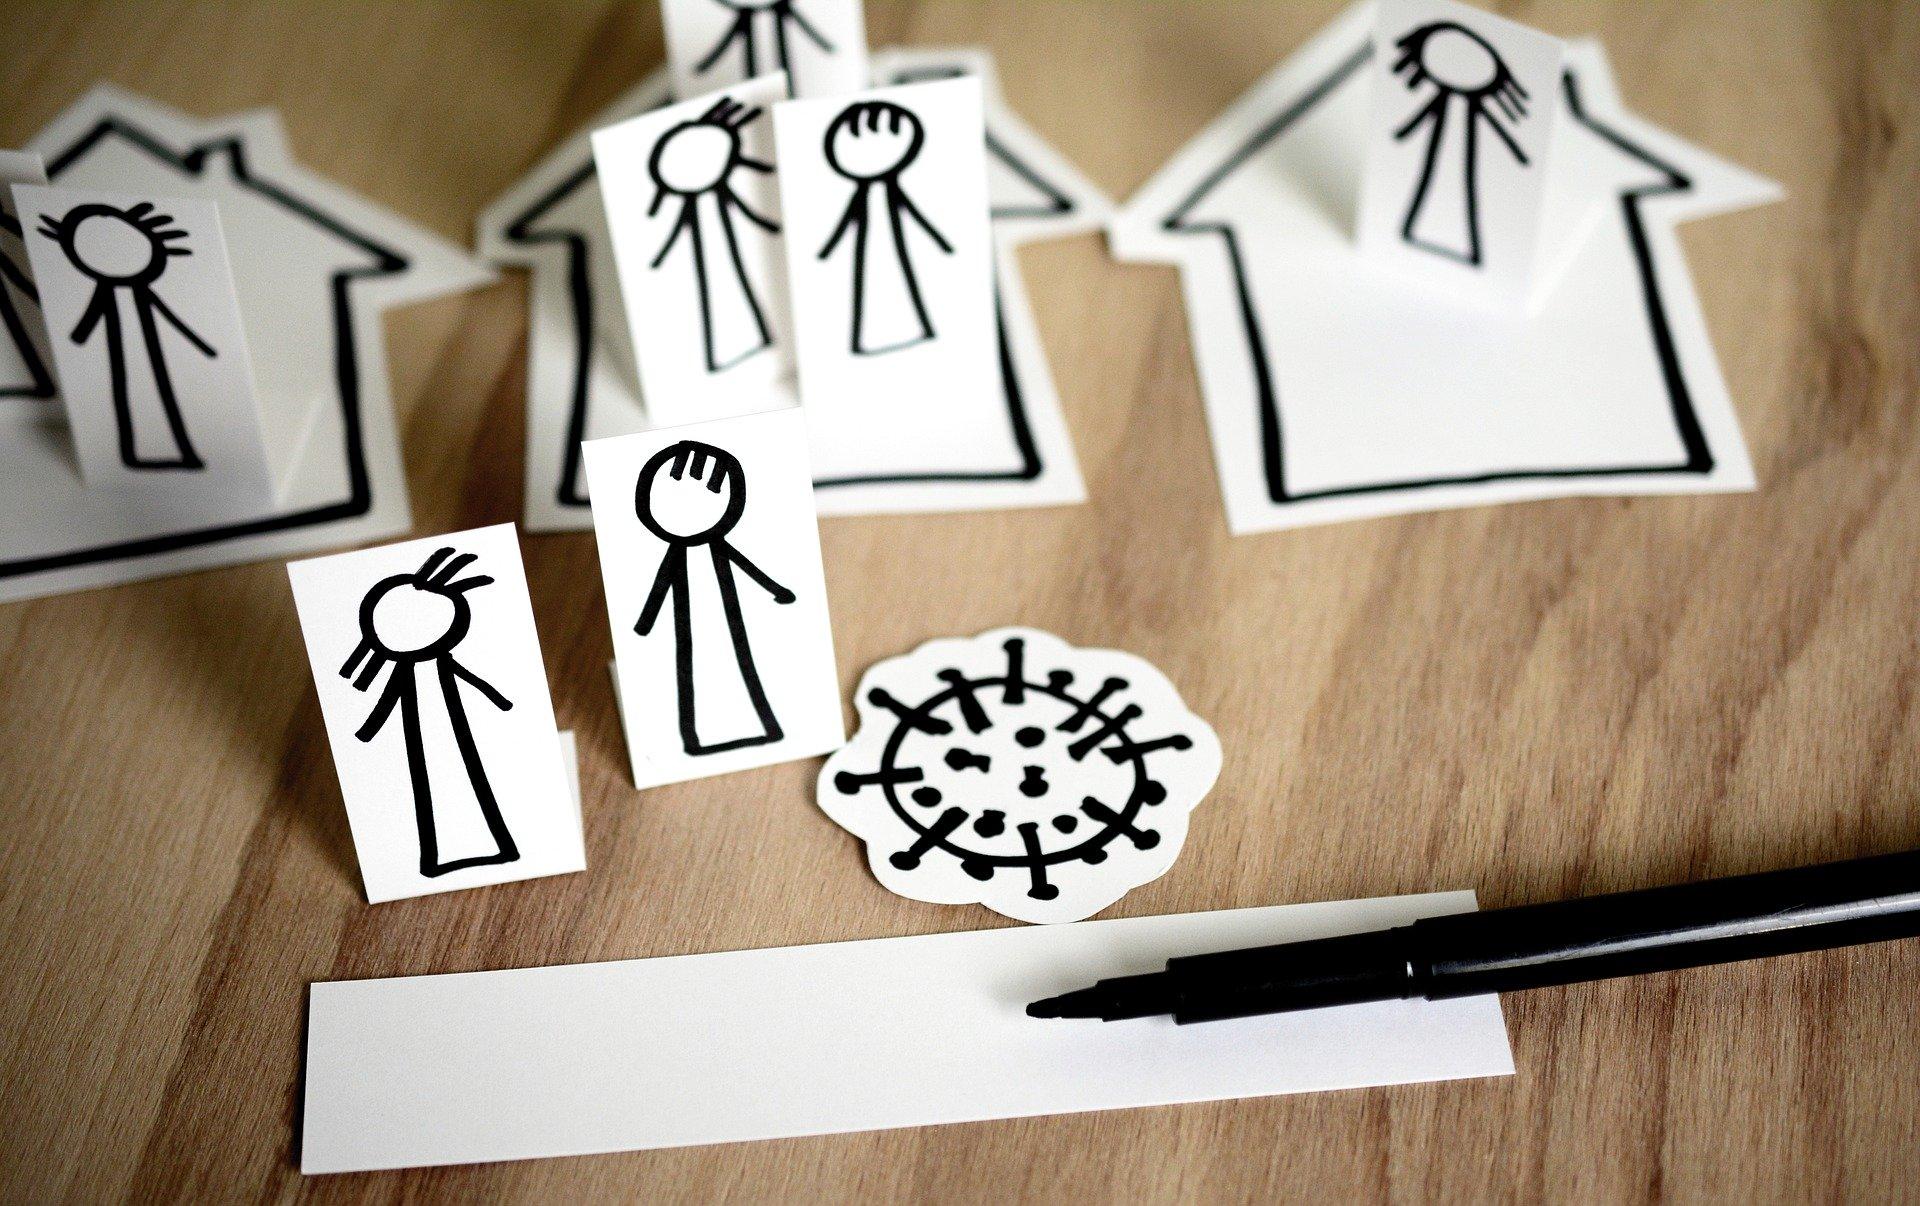 L'obligation de l'employeur de veiller à la santé des salariés à l'épreuve du coronavirus